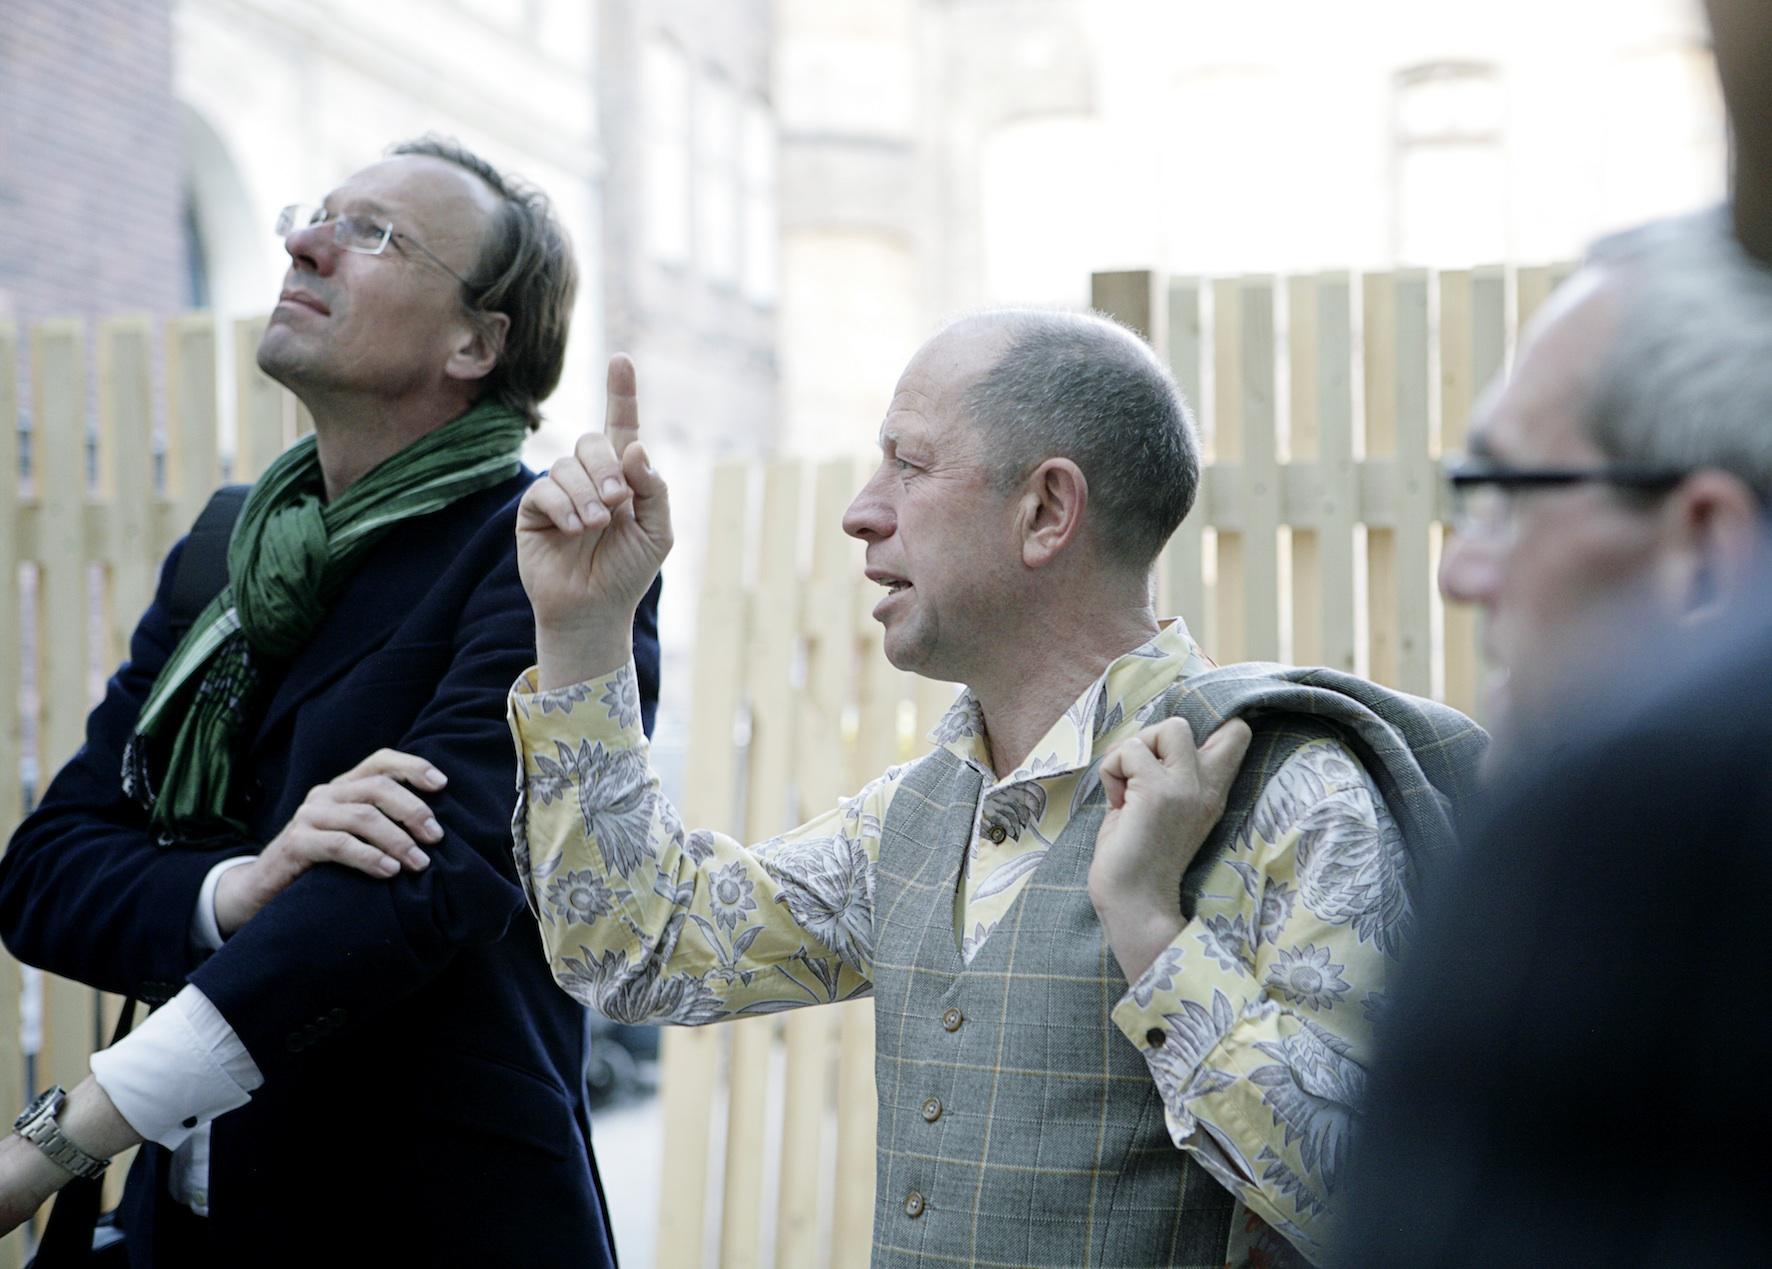 Event Networks plan A Cook & Cross 2012, Mit Galerist Judy Lybke durch die Mädchenschule Berlin Galerie EIGEN + ART EIGEN + ART Lab